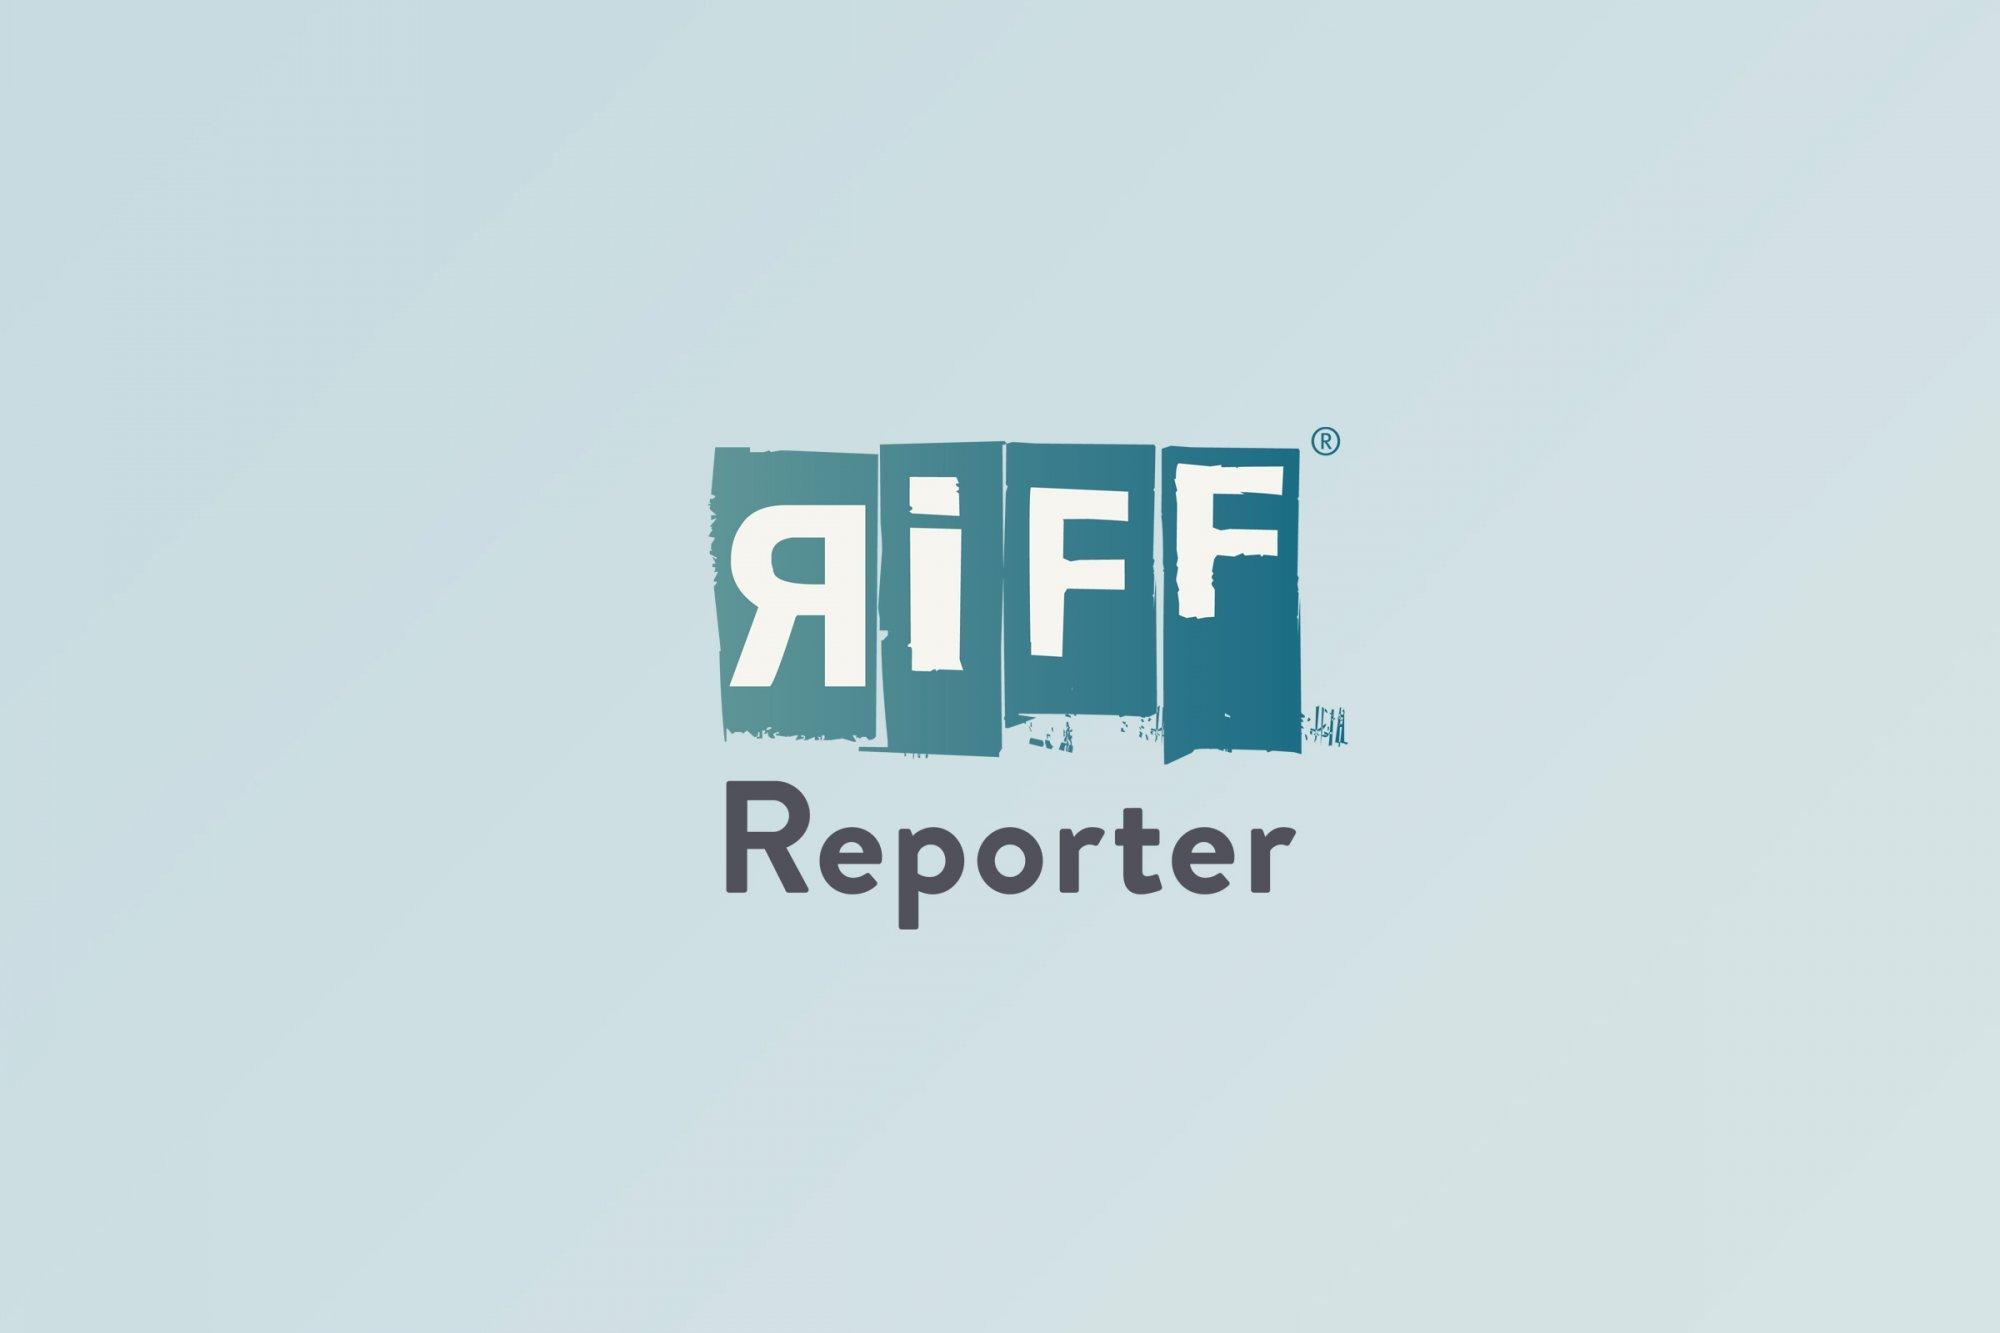 Eine Gruppe aus mehreren Dutzend Kiebitzen im Flug vor grauem Himmel